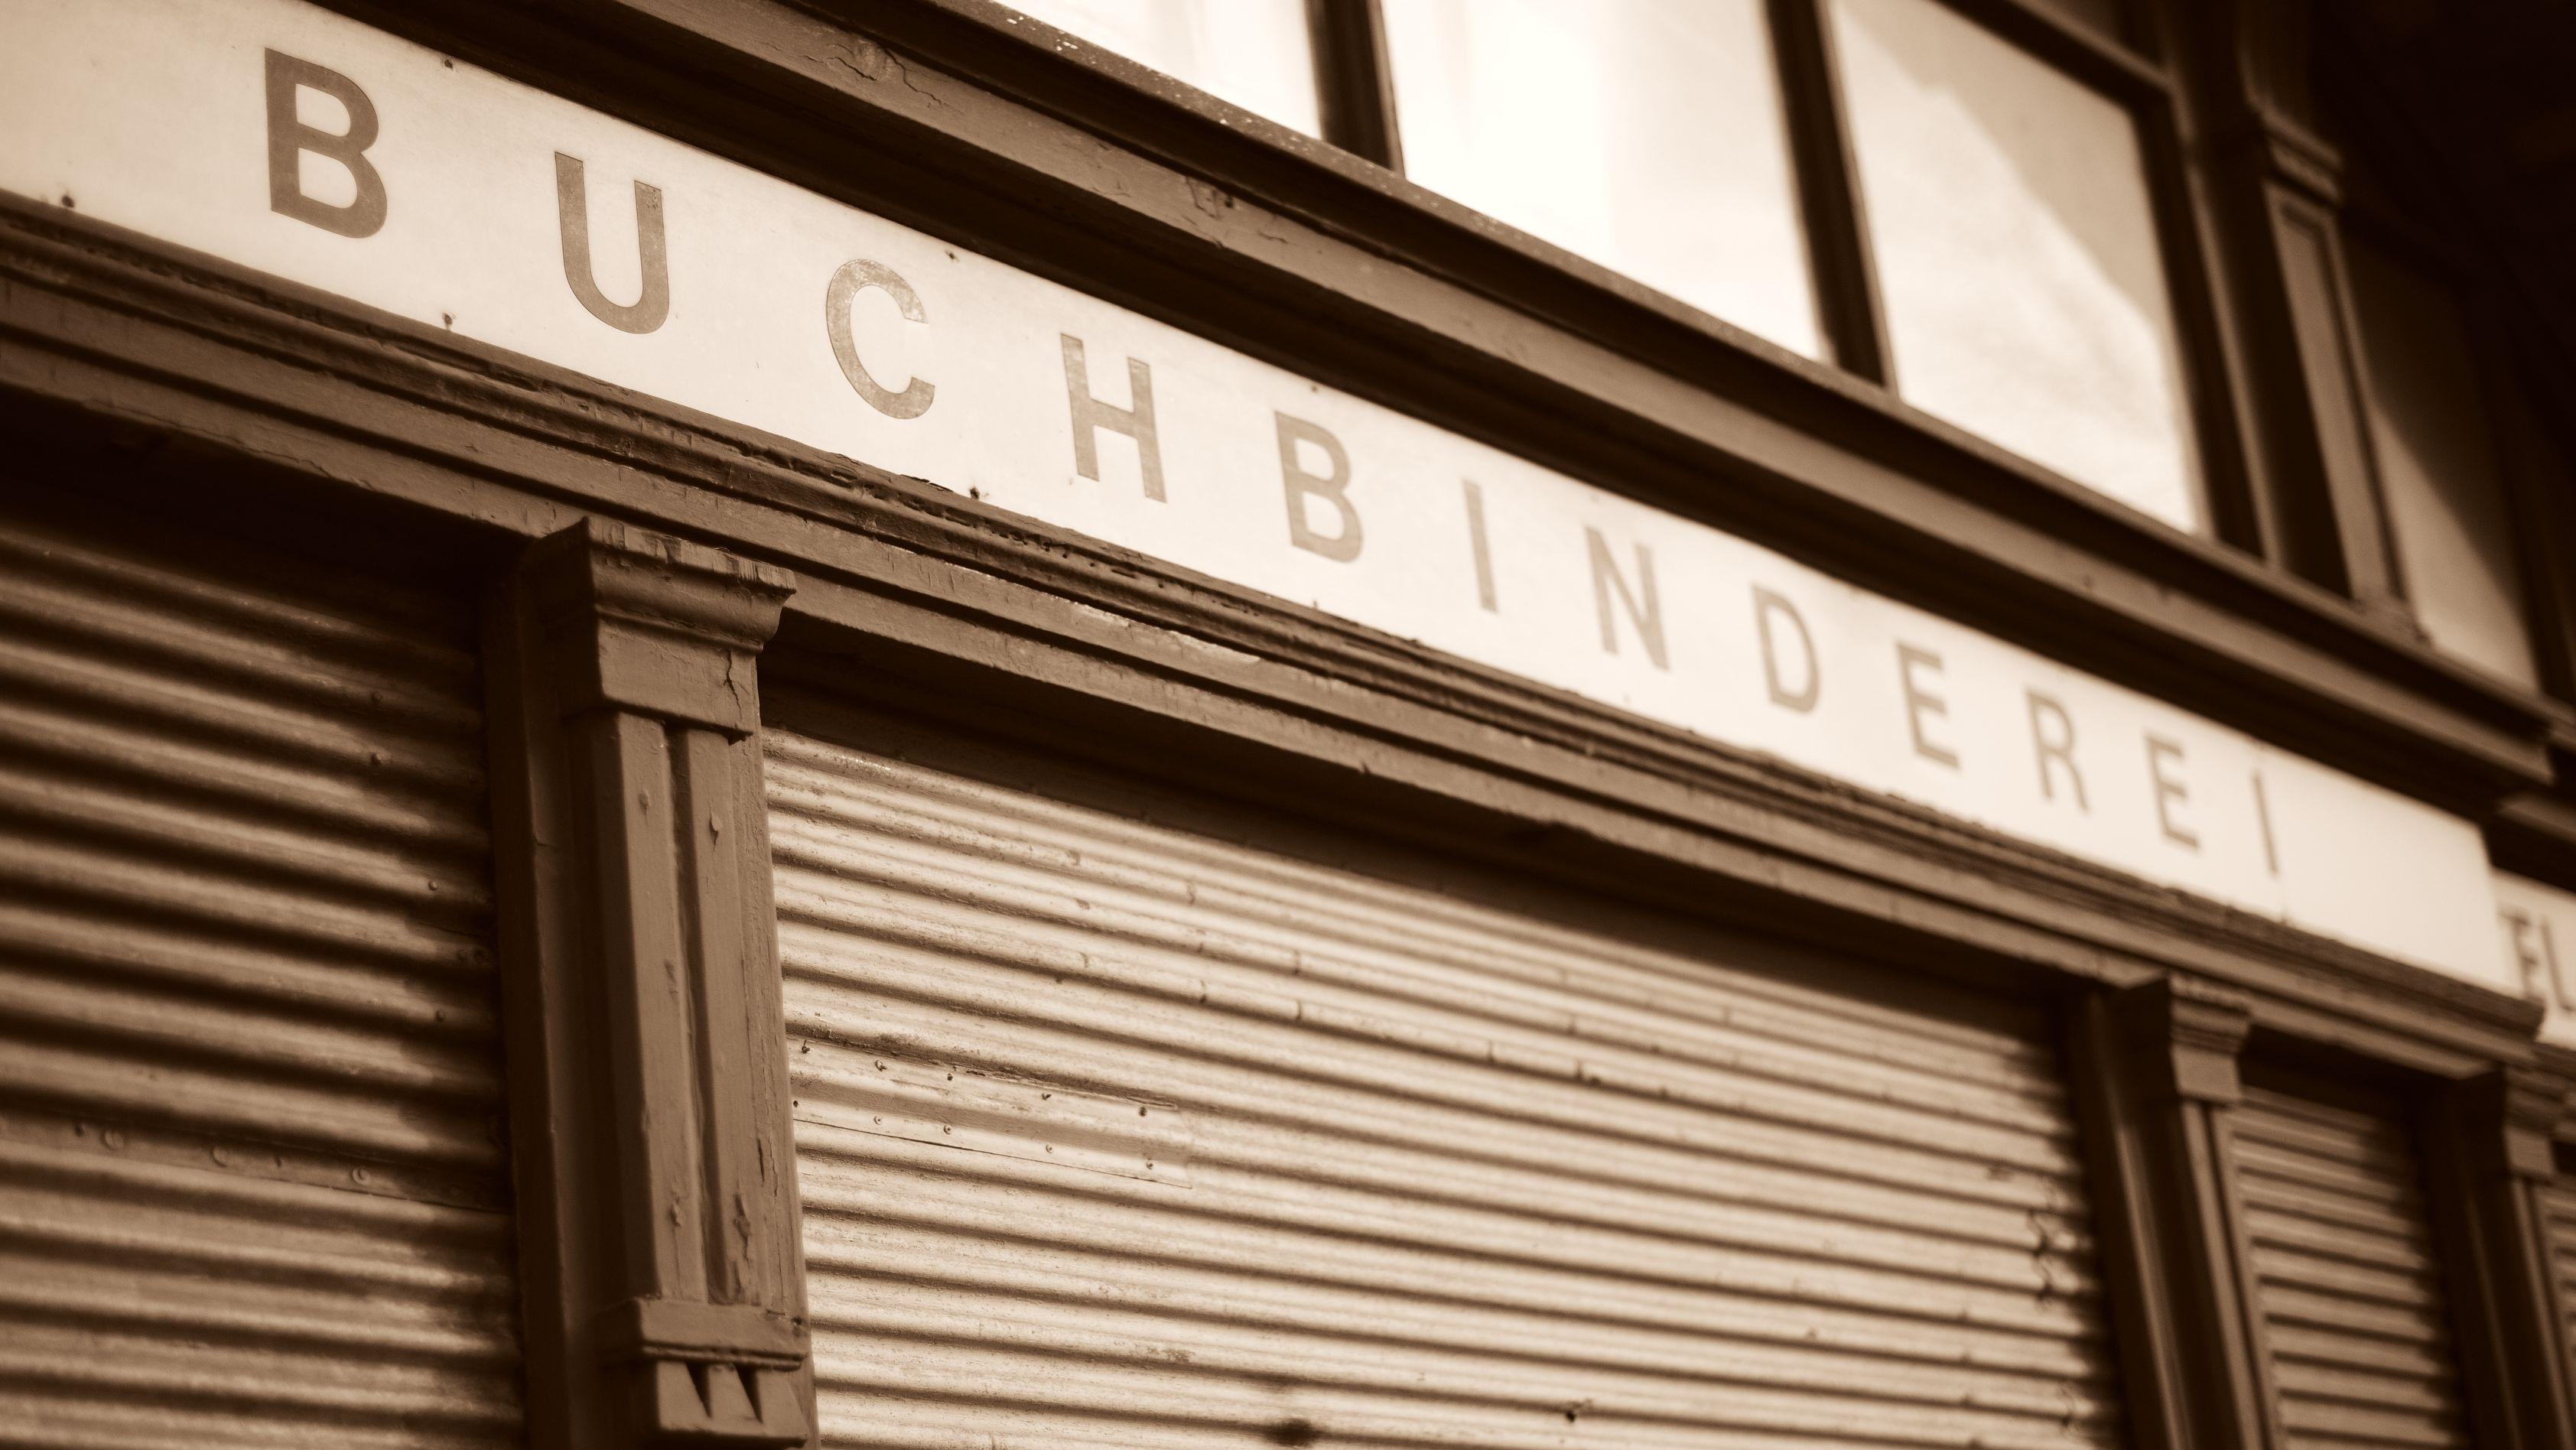 Alte Buchbinderei mit geschlossenen Rollläden